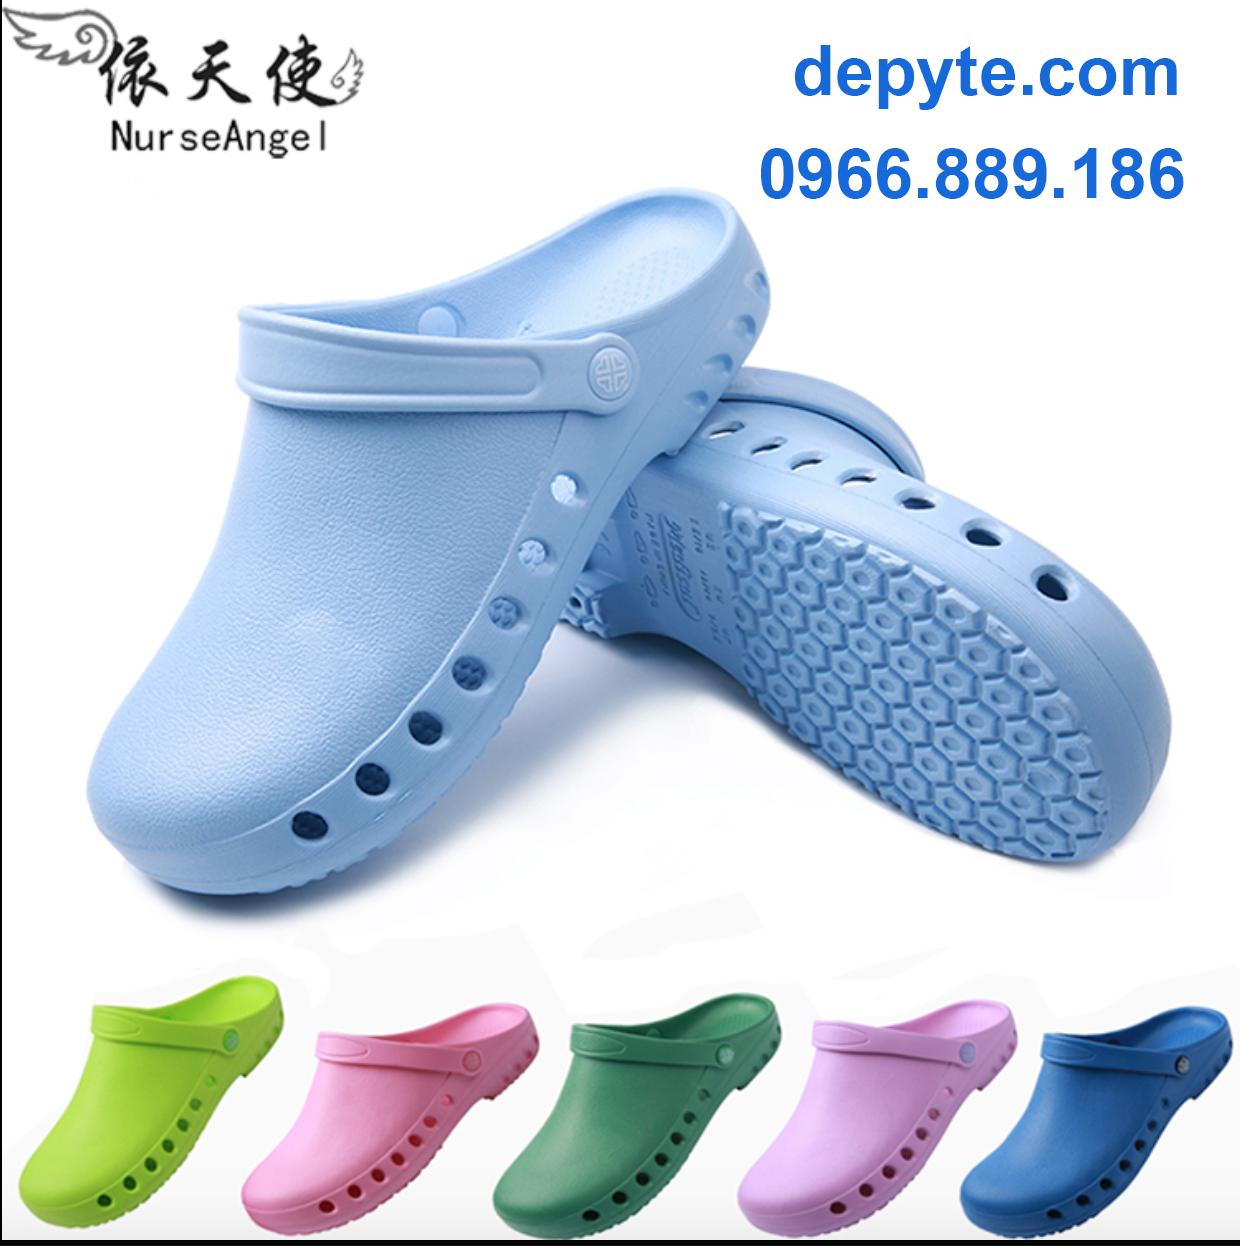 Dép sục y tế chuyên dụng cho nhân viên bệnh viện, phòng khám- dép thoáng khí đế mềm chống trơn trượt phòng tắm- dép đi trời mưa- Giày dép y tế chống trơn trượt chất lượng cao